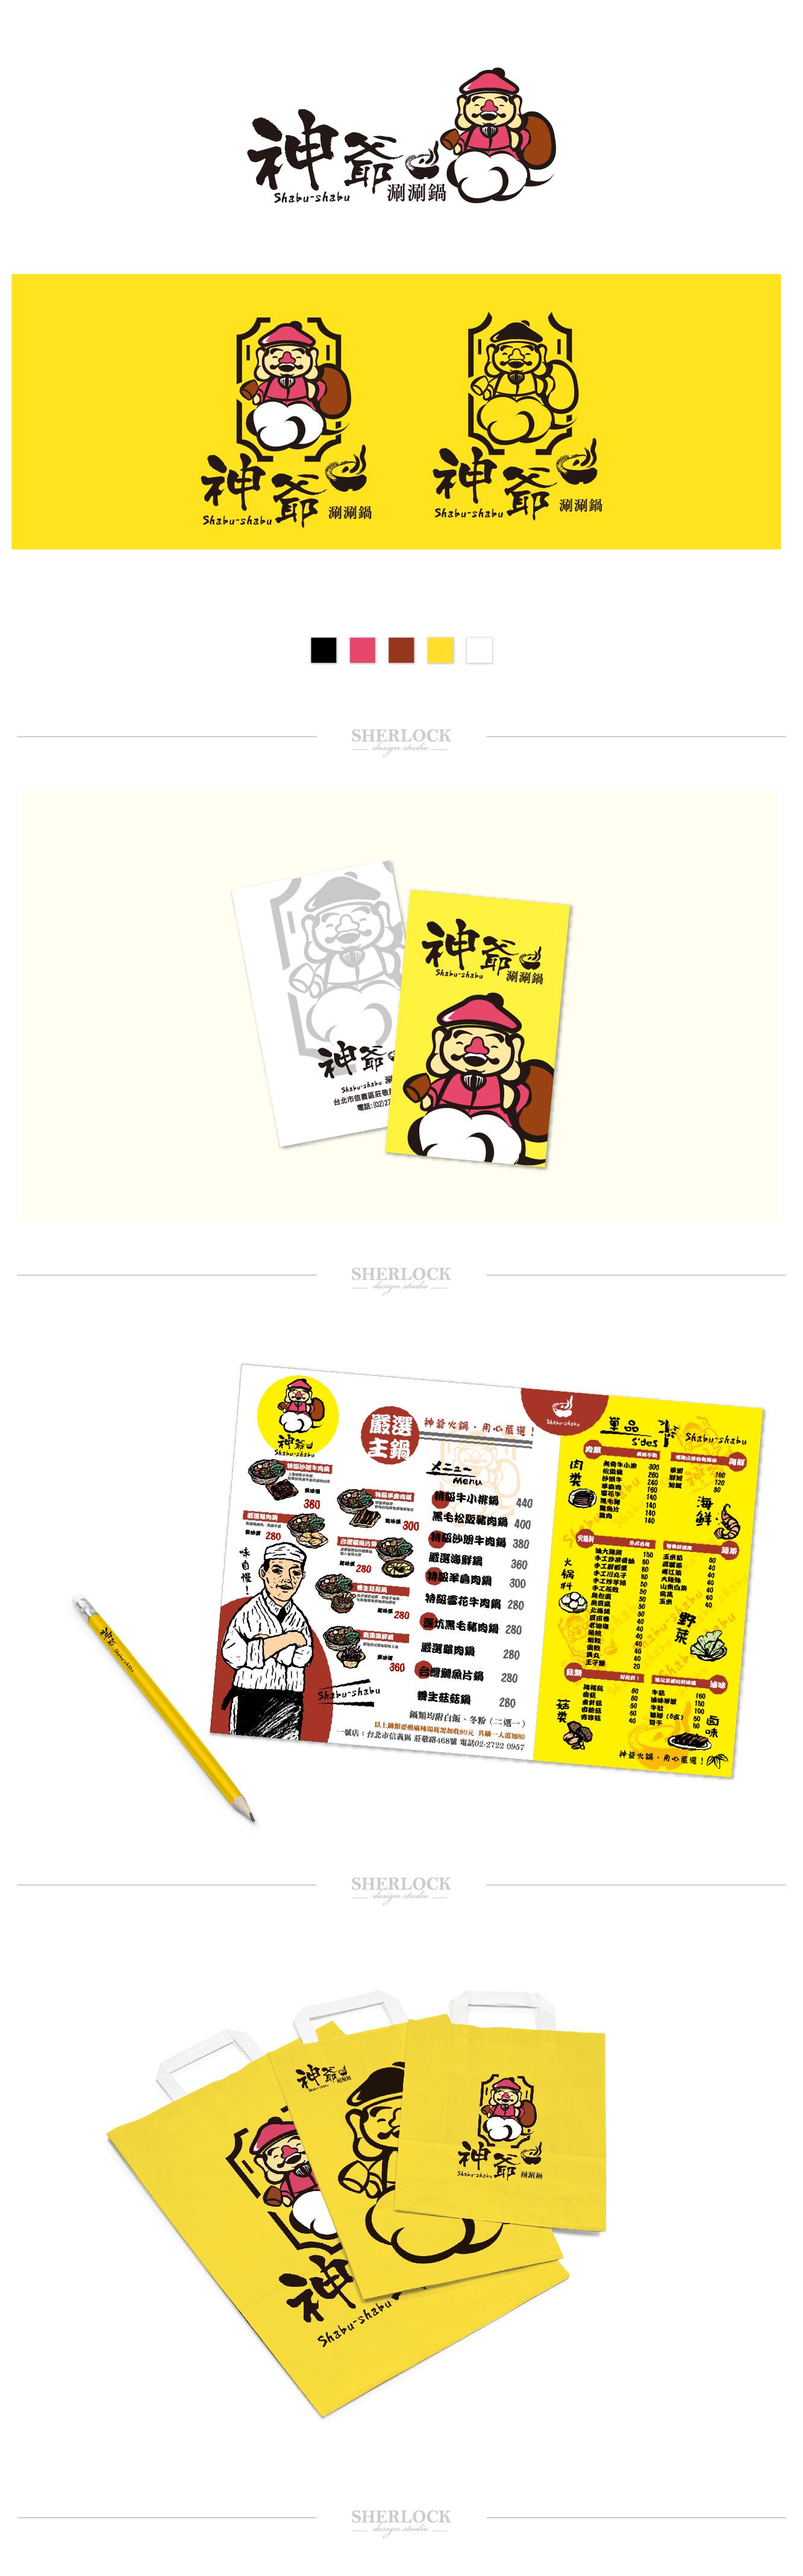 Japanese Restaurant LOGO / illustrator